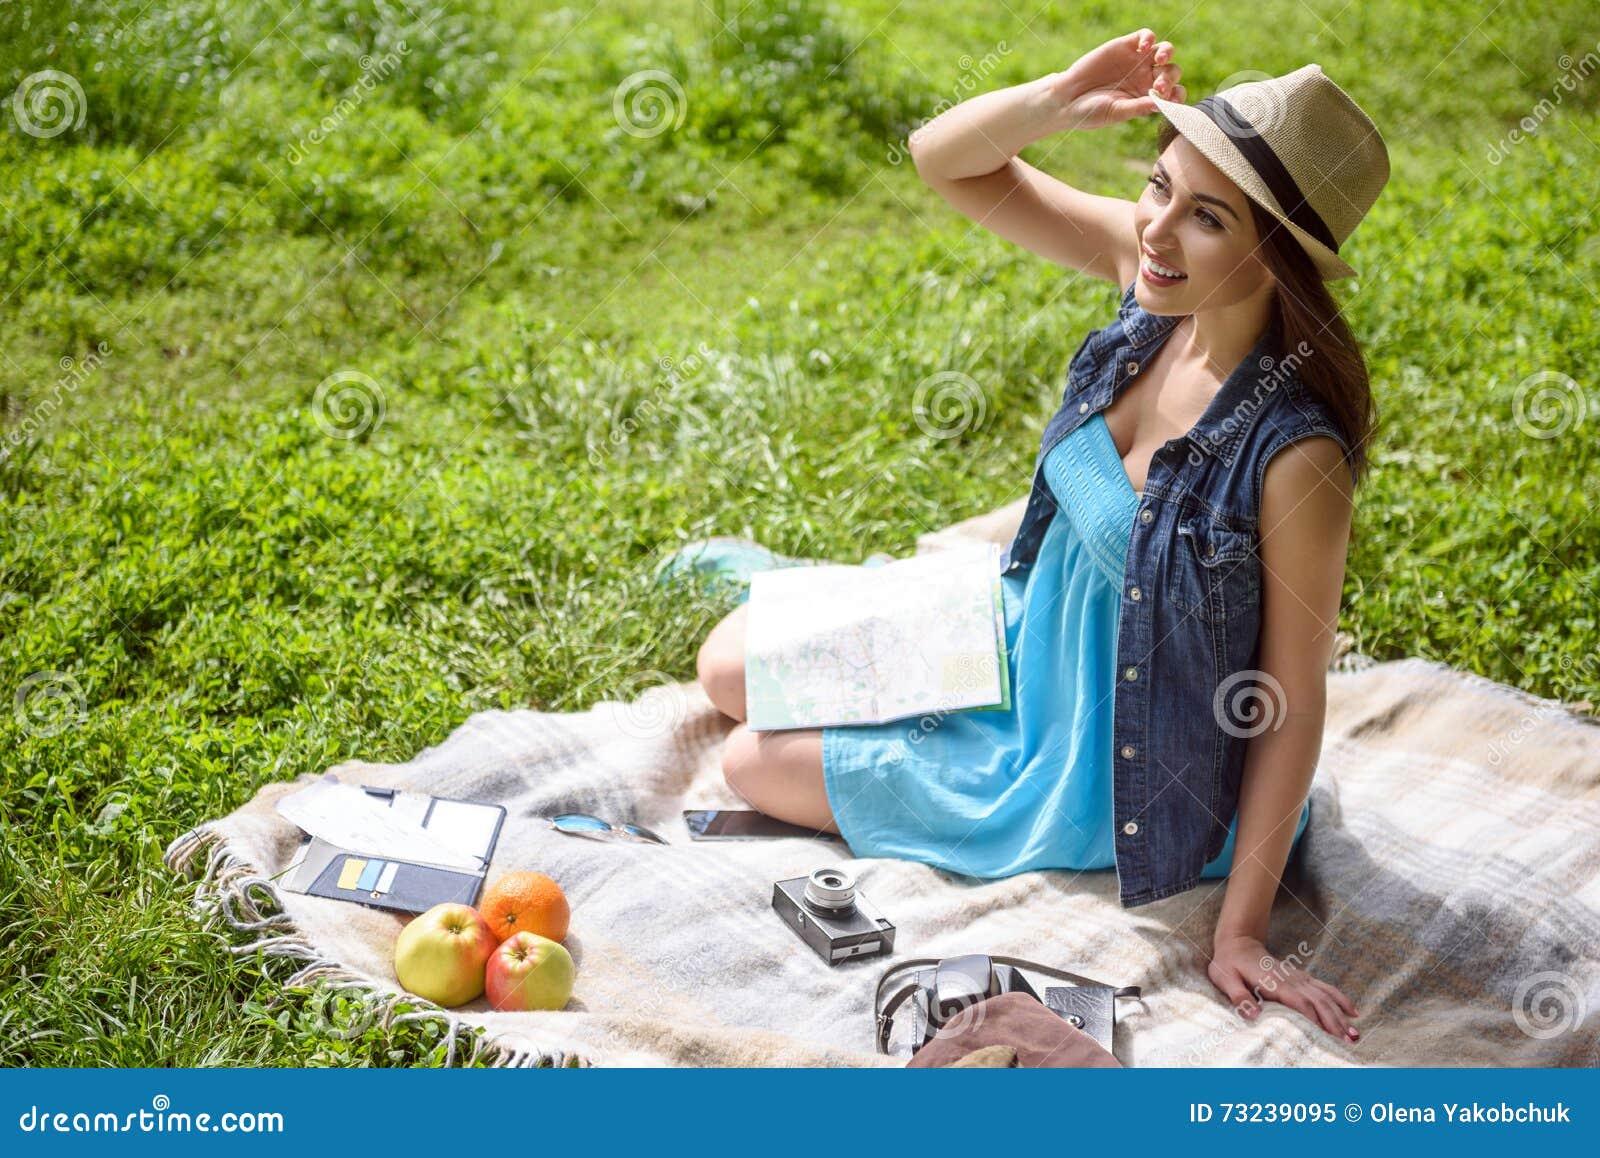 Nettes junges Mädchen steht im Park still